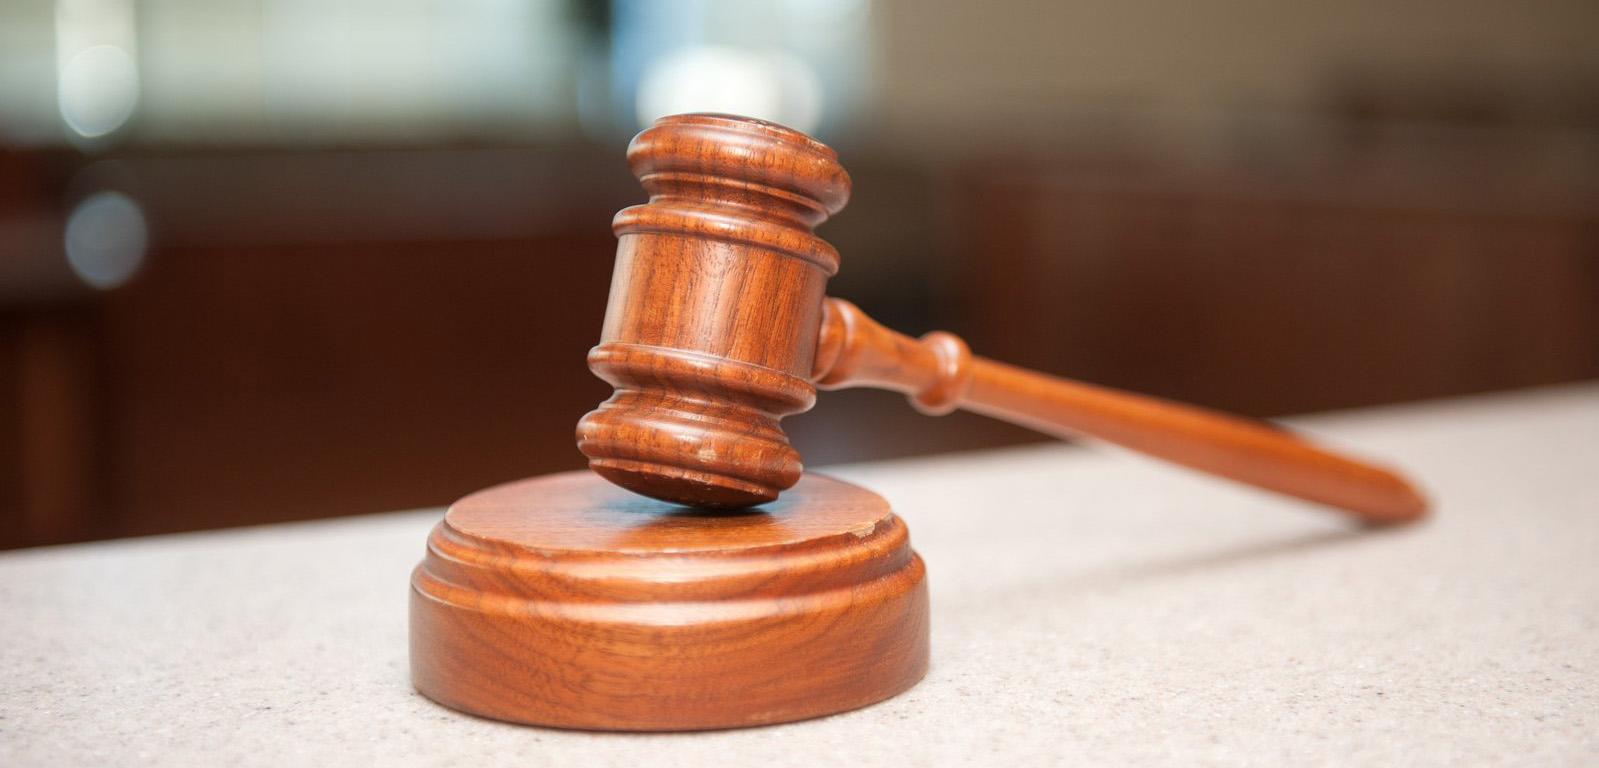 Justiça mantém prisão de suspeito de matar ex-companheira e ex-sogra a facadas